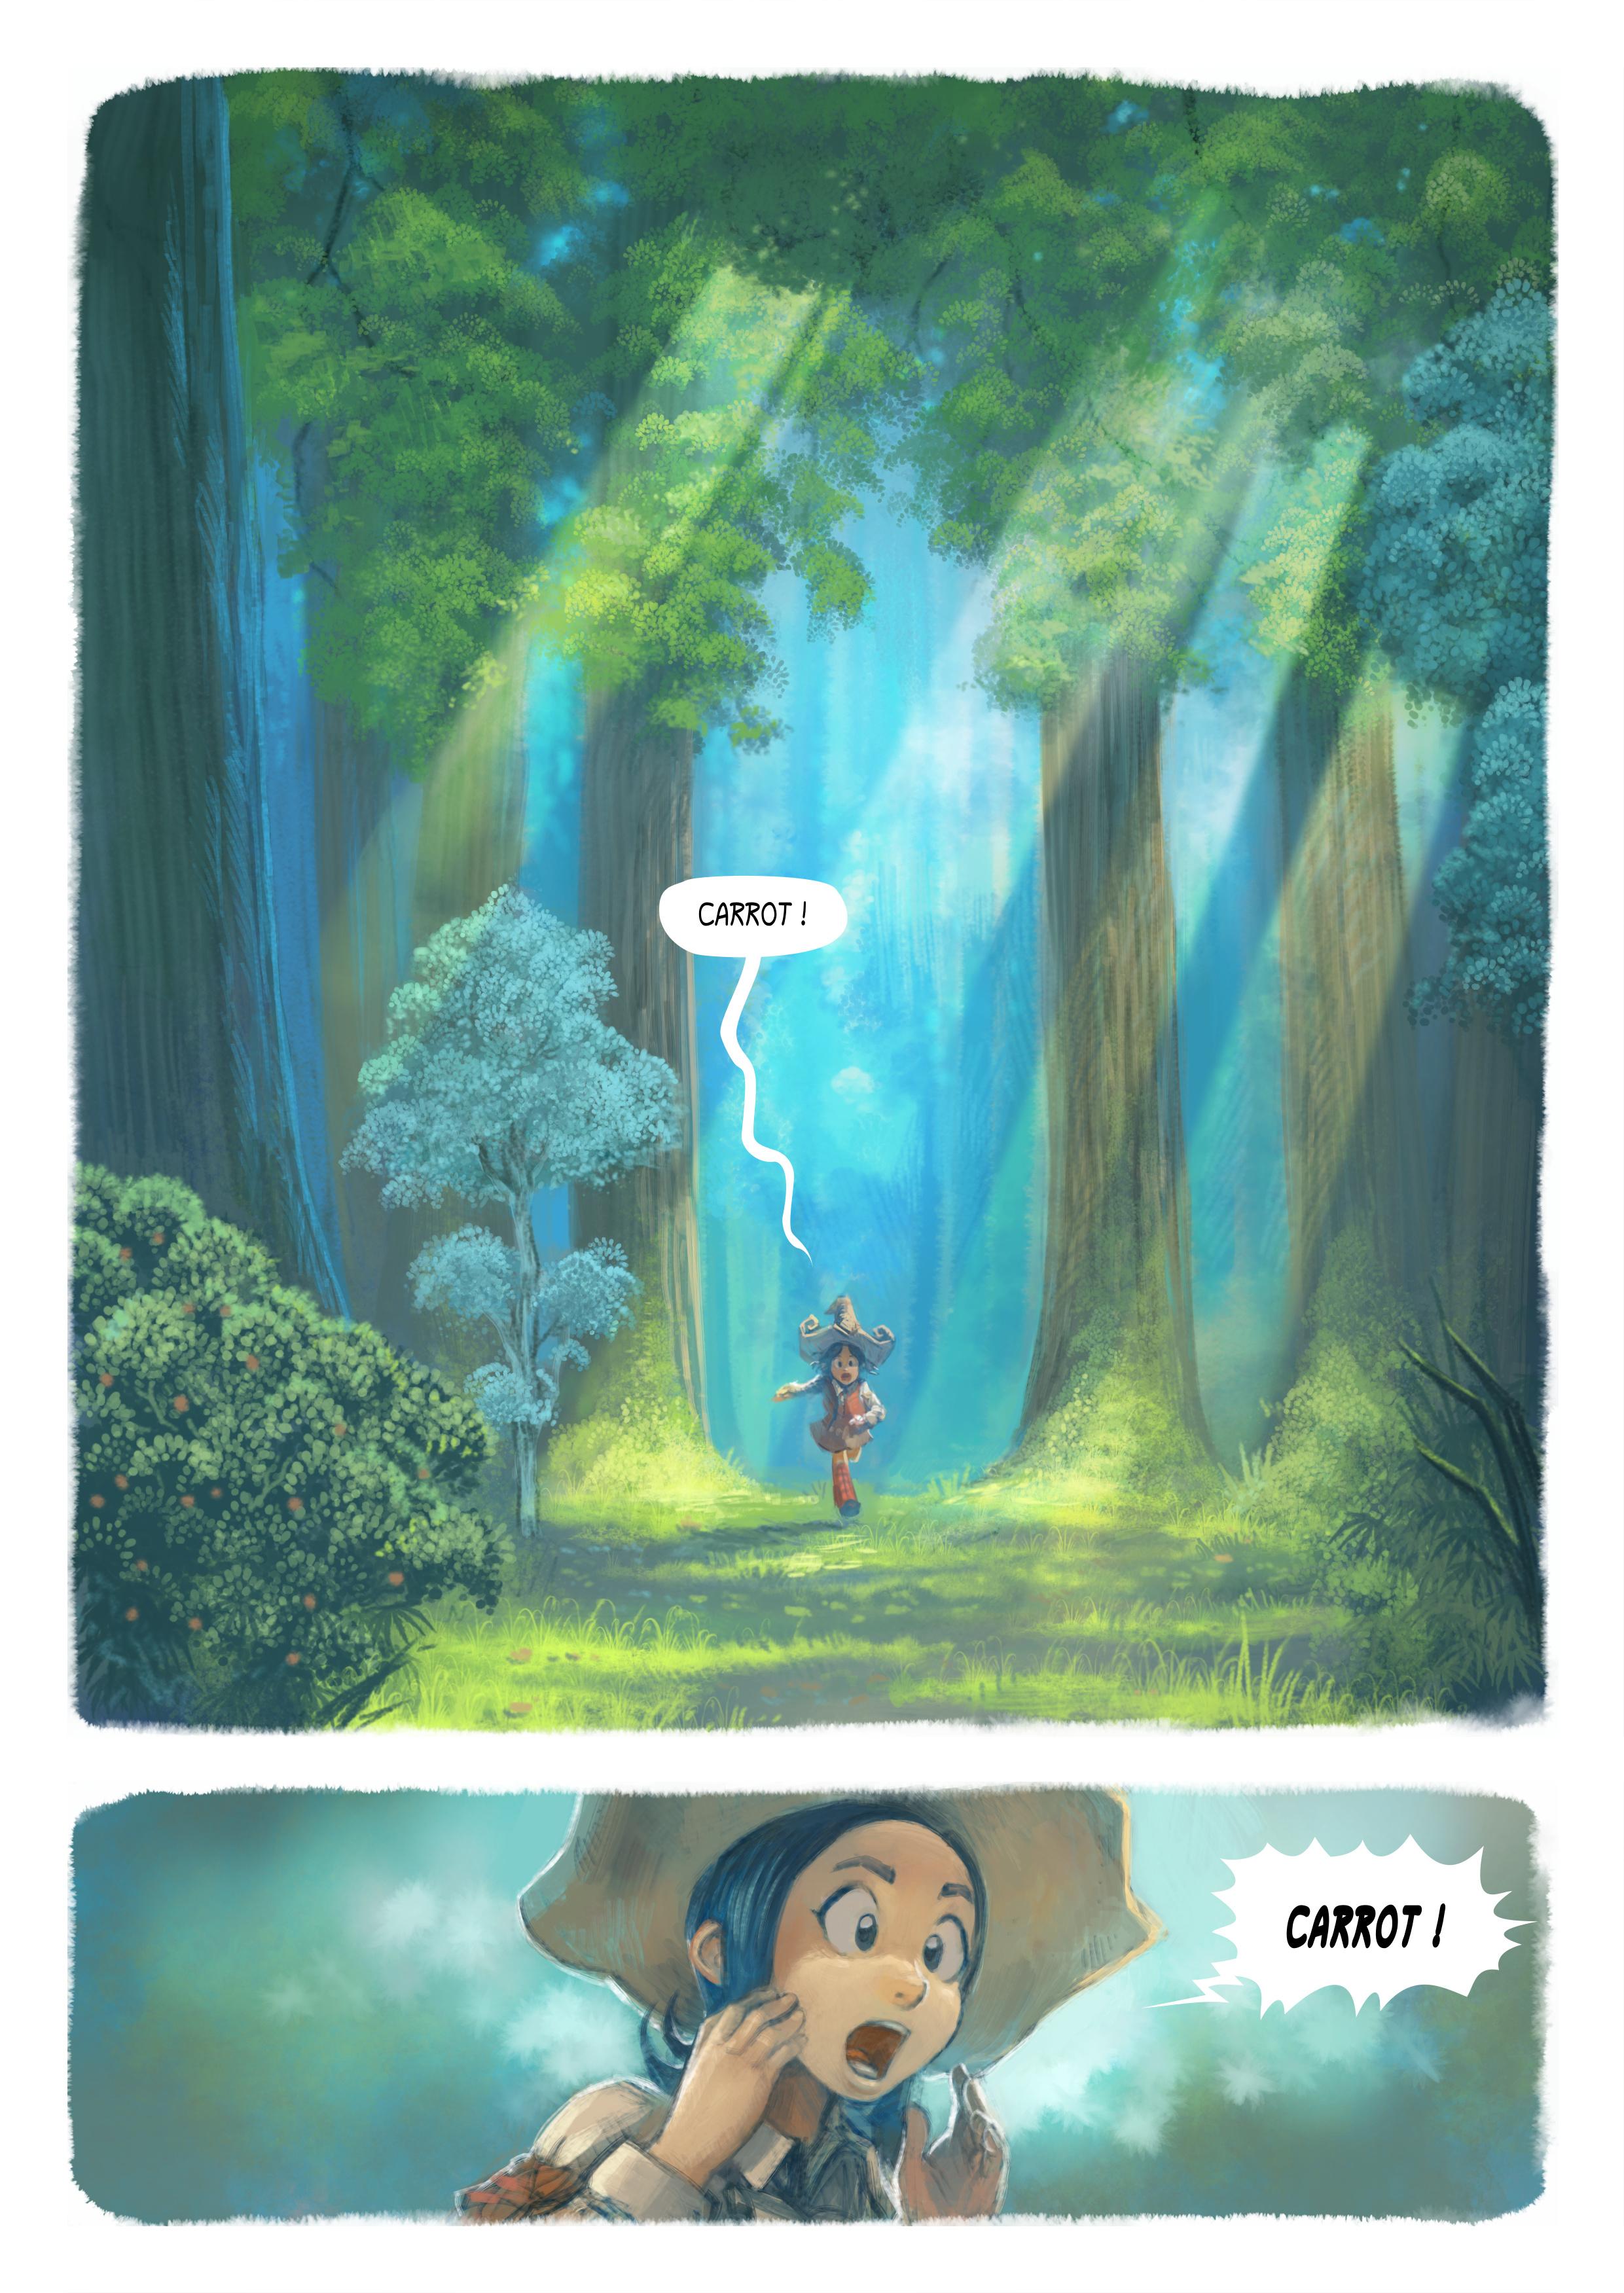 Episodi 7: El desig, Page 1